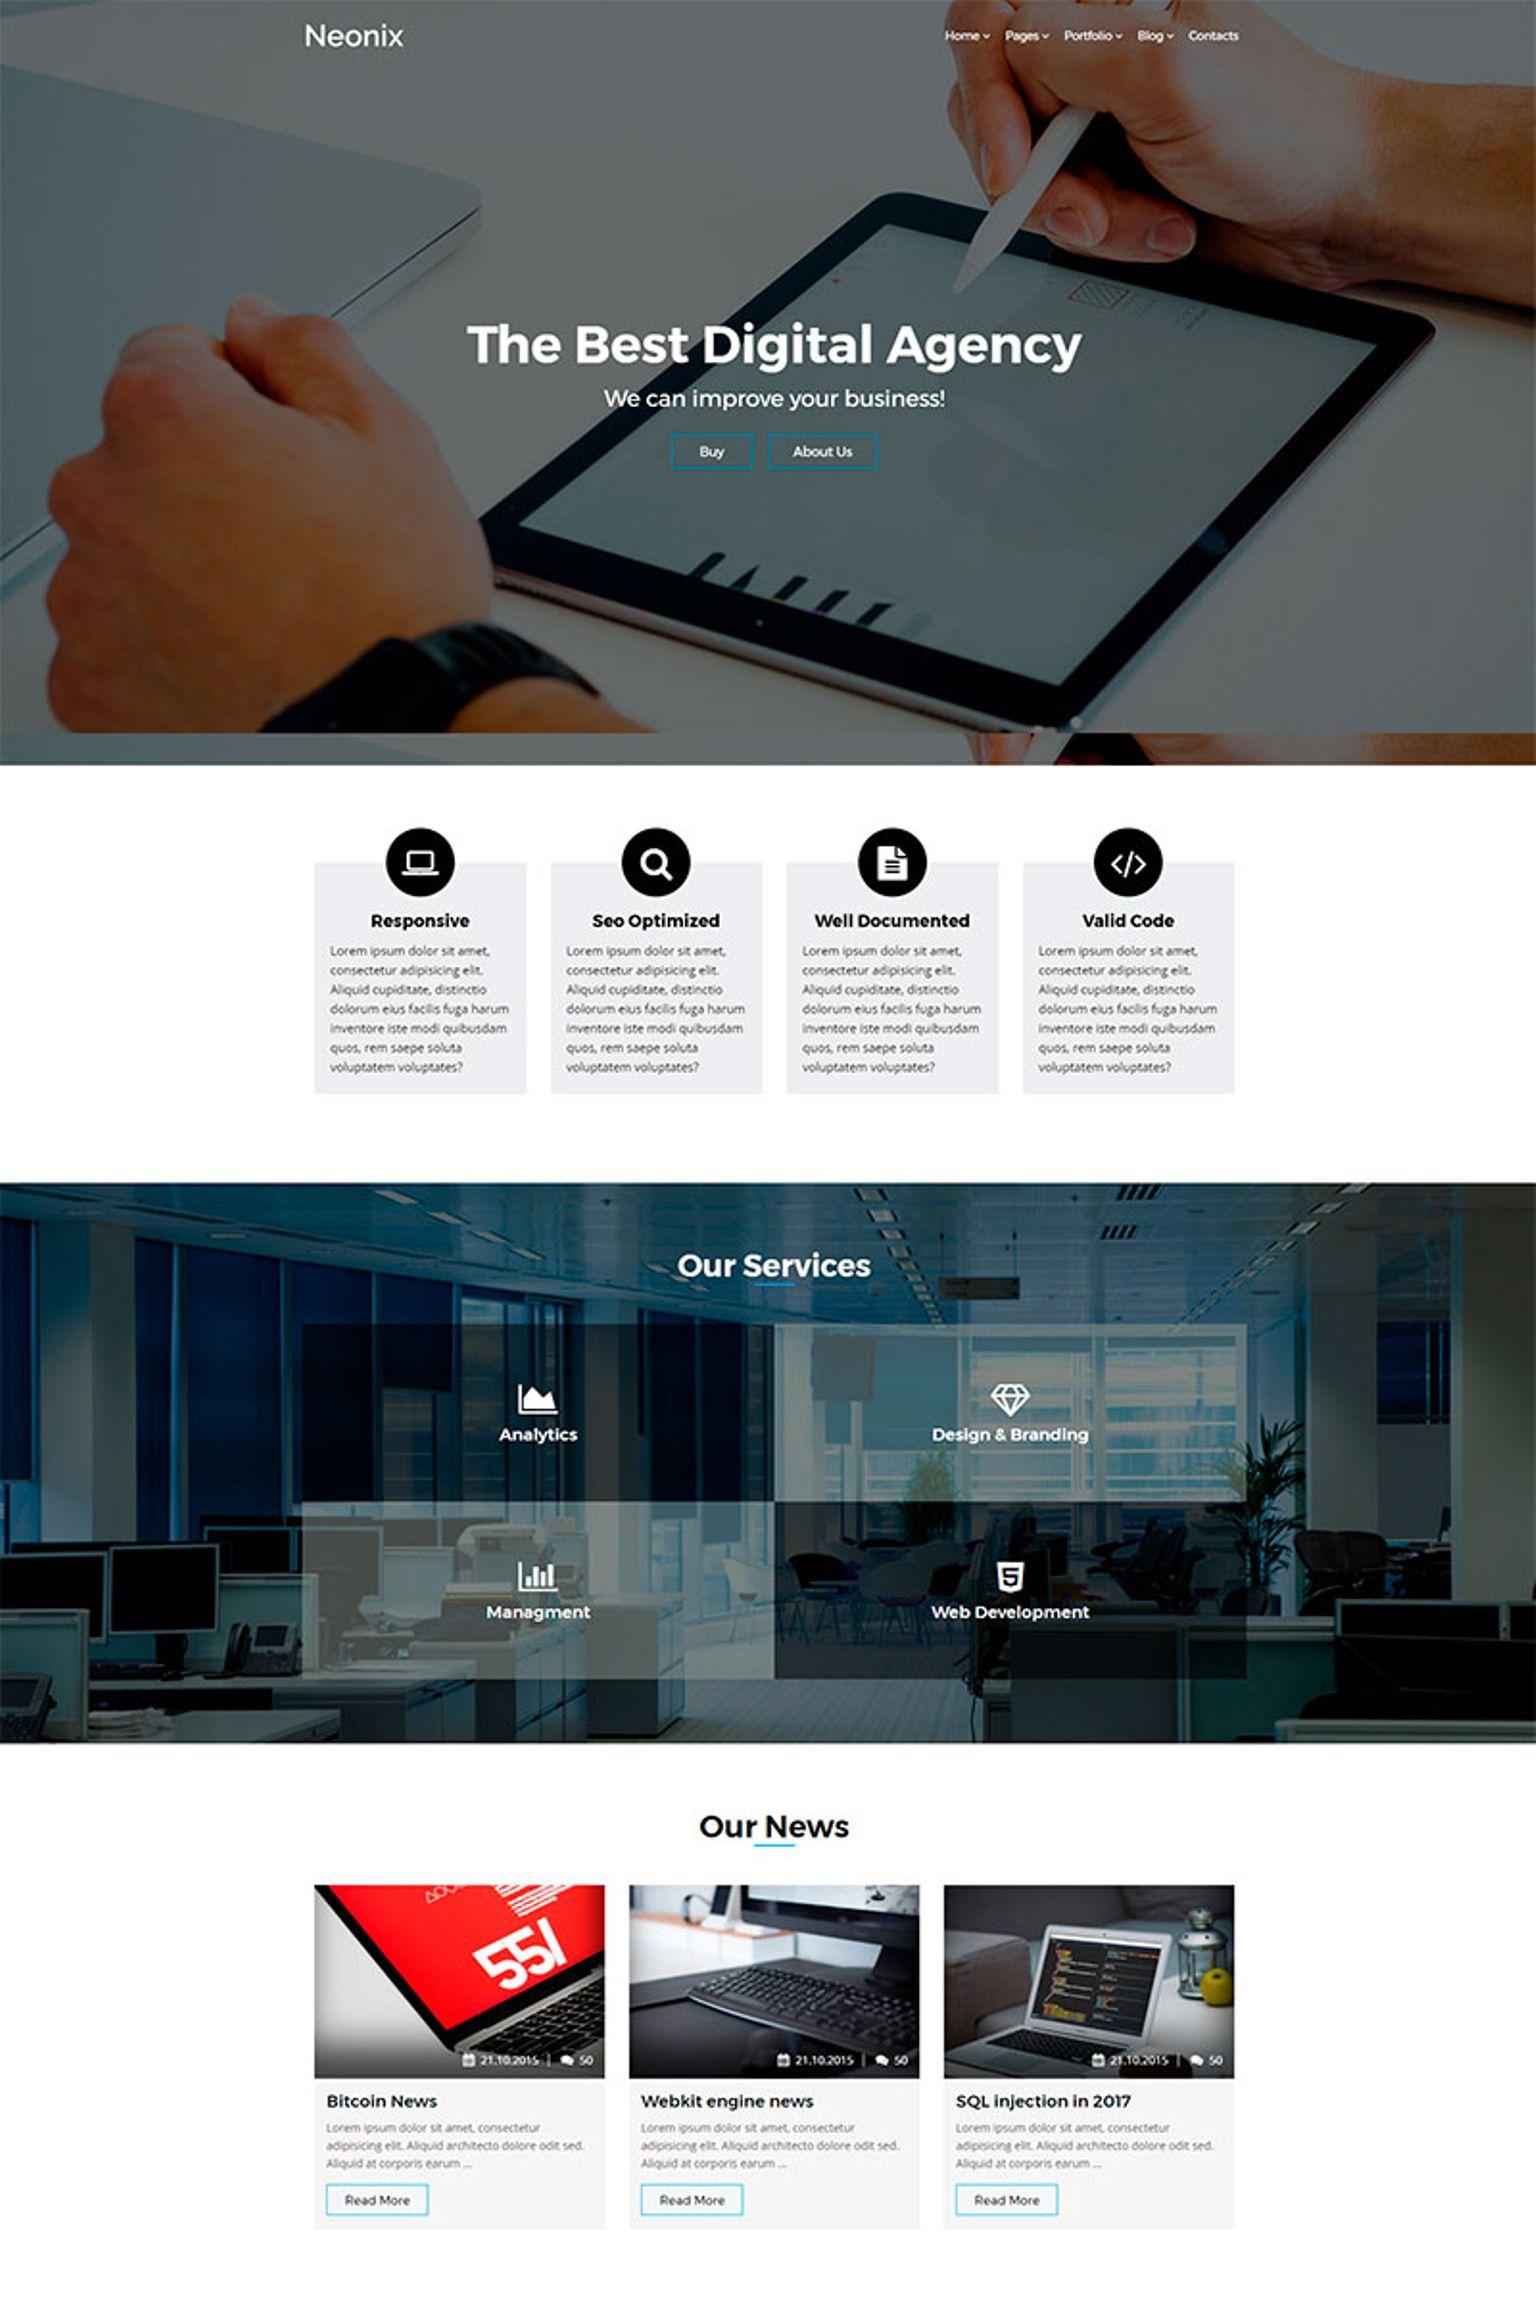 Bootstrap Neonix - Digital Agency WordPress sablon 65440 - képernyőkép